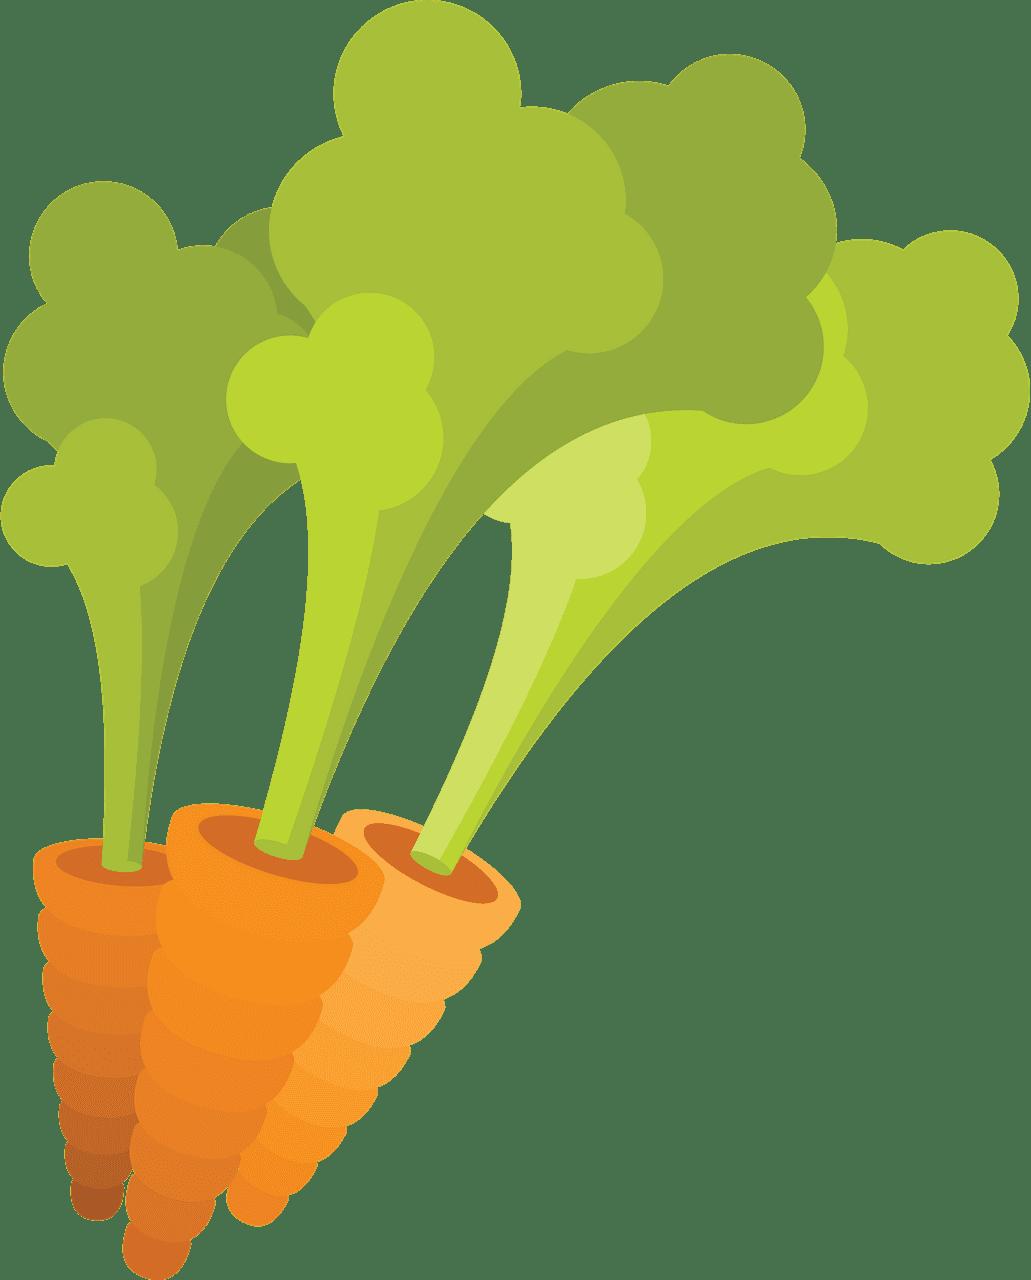 Carrots clipart transparent image